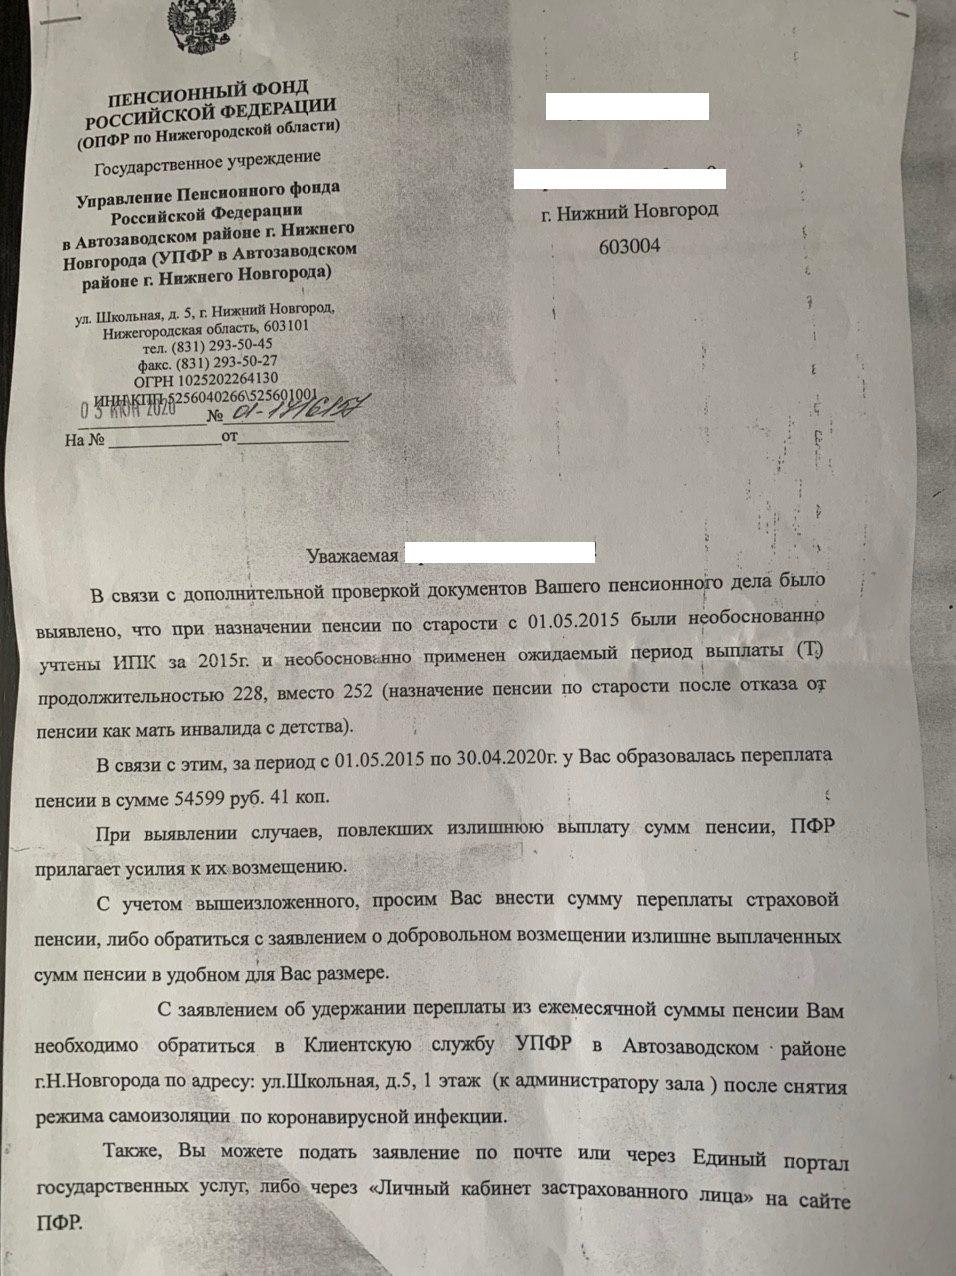 Личный кабинет пенсионного фонда нижний новгород автозаводский район пенсионный коэффициент баллы сколько будет пенсия